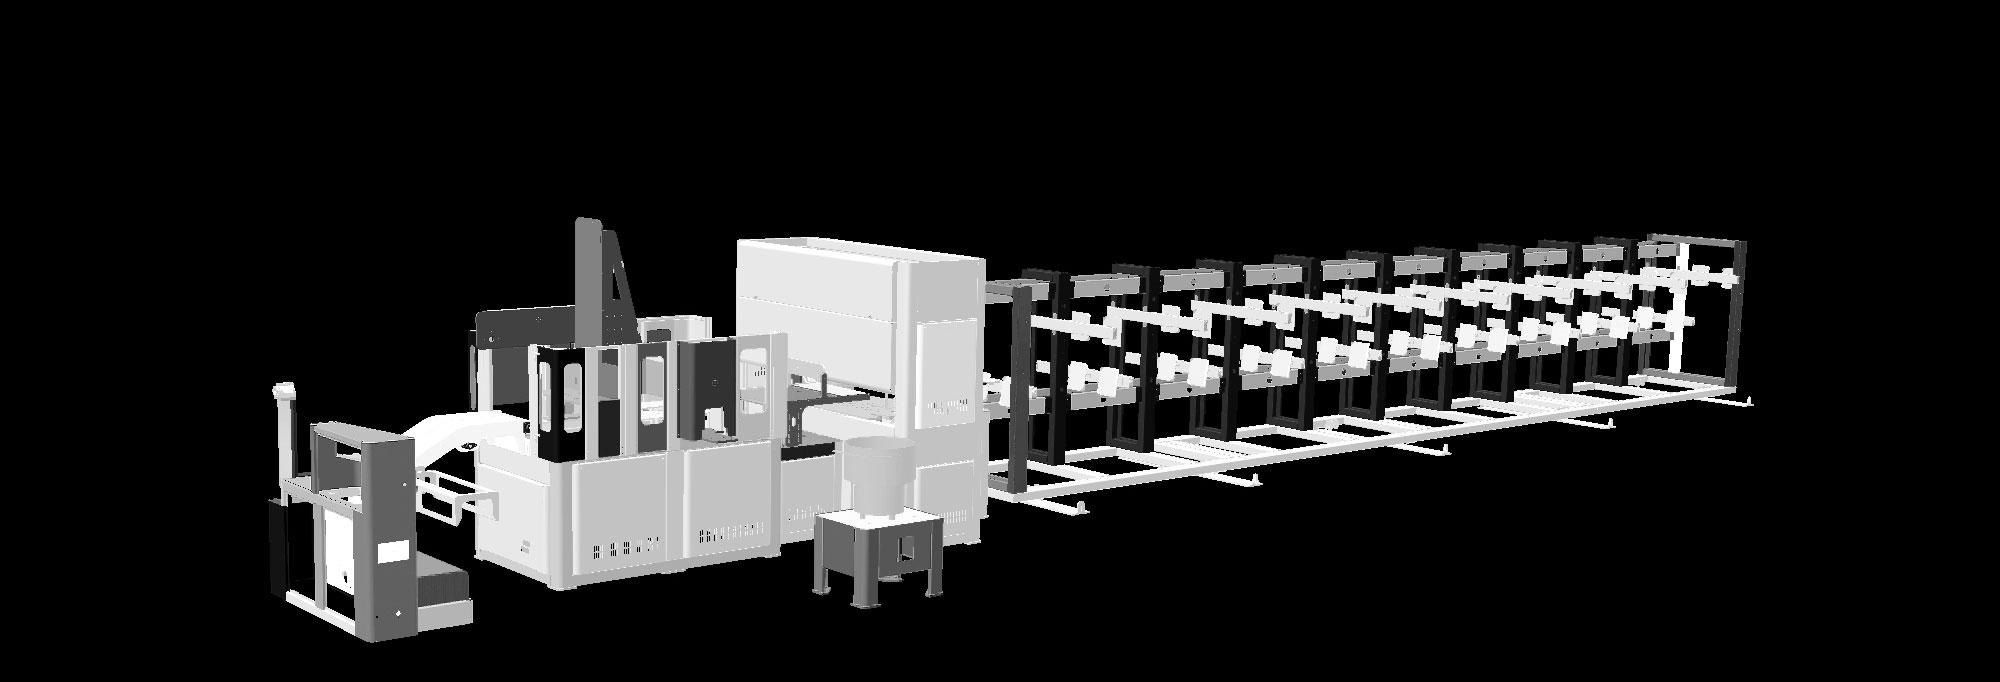 Diseño de maquinas, diseño de producto y diseño industrial